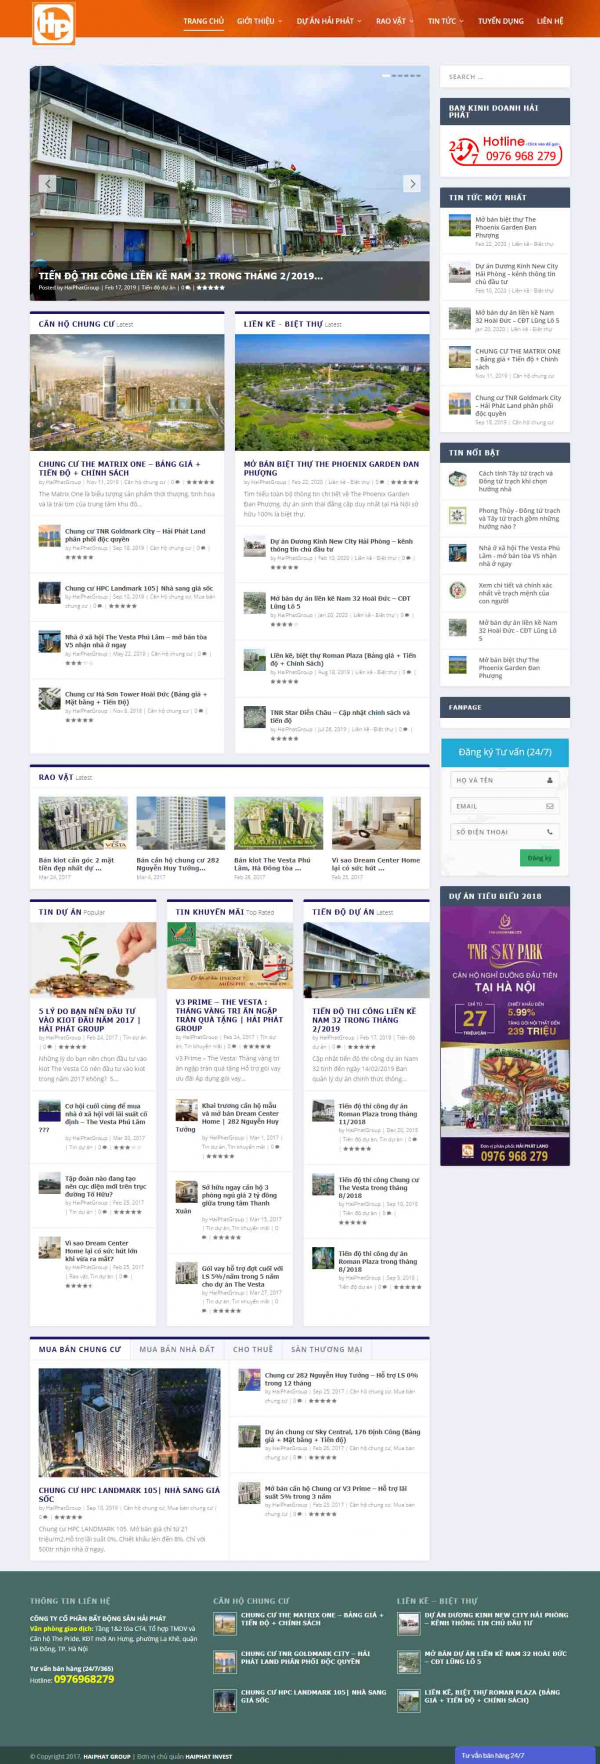 Mẫu giao diện thiết kế website nhà đất giá rẻ